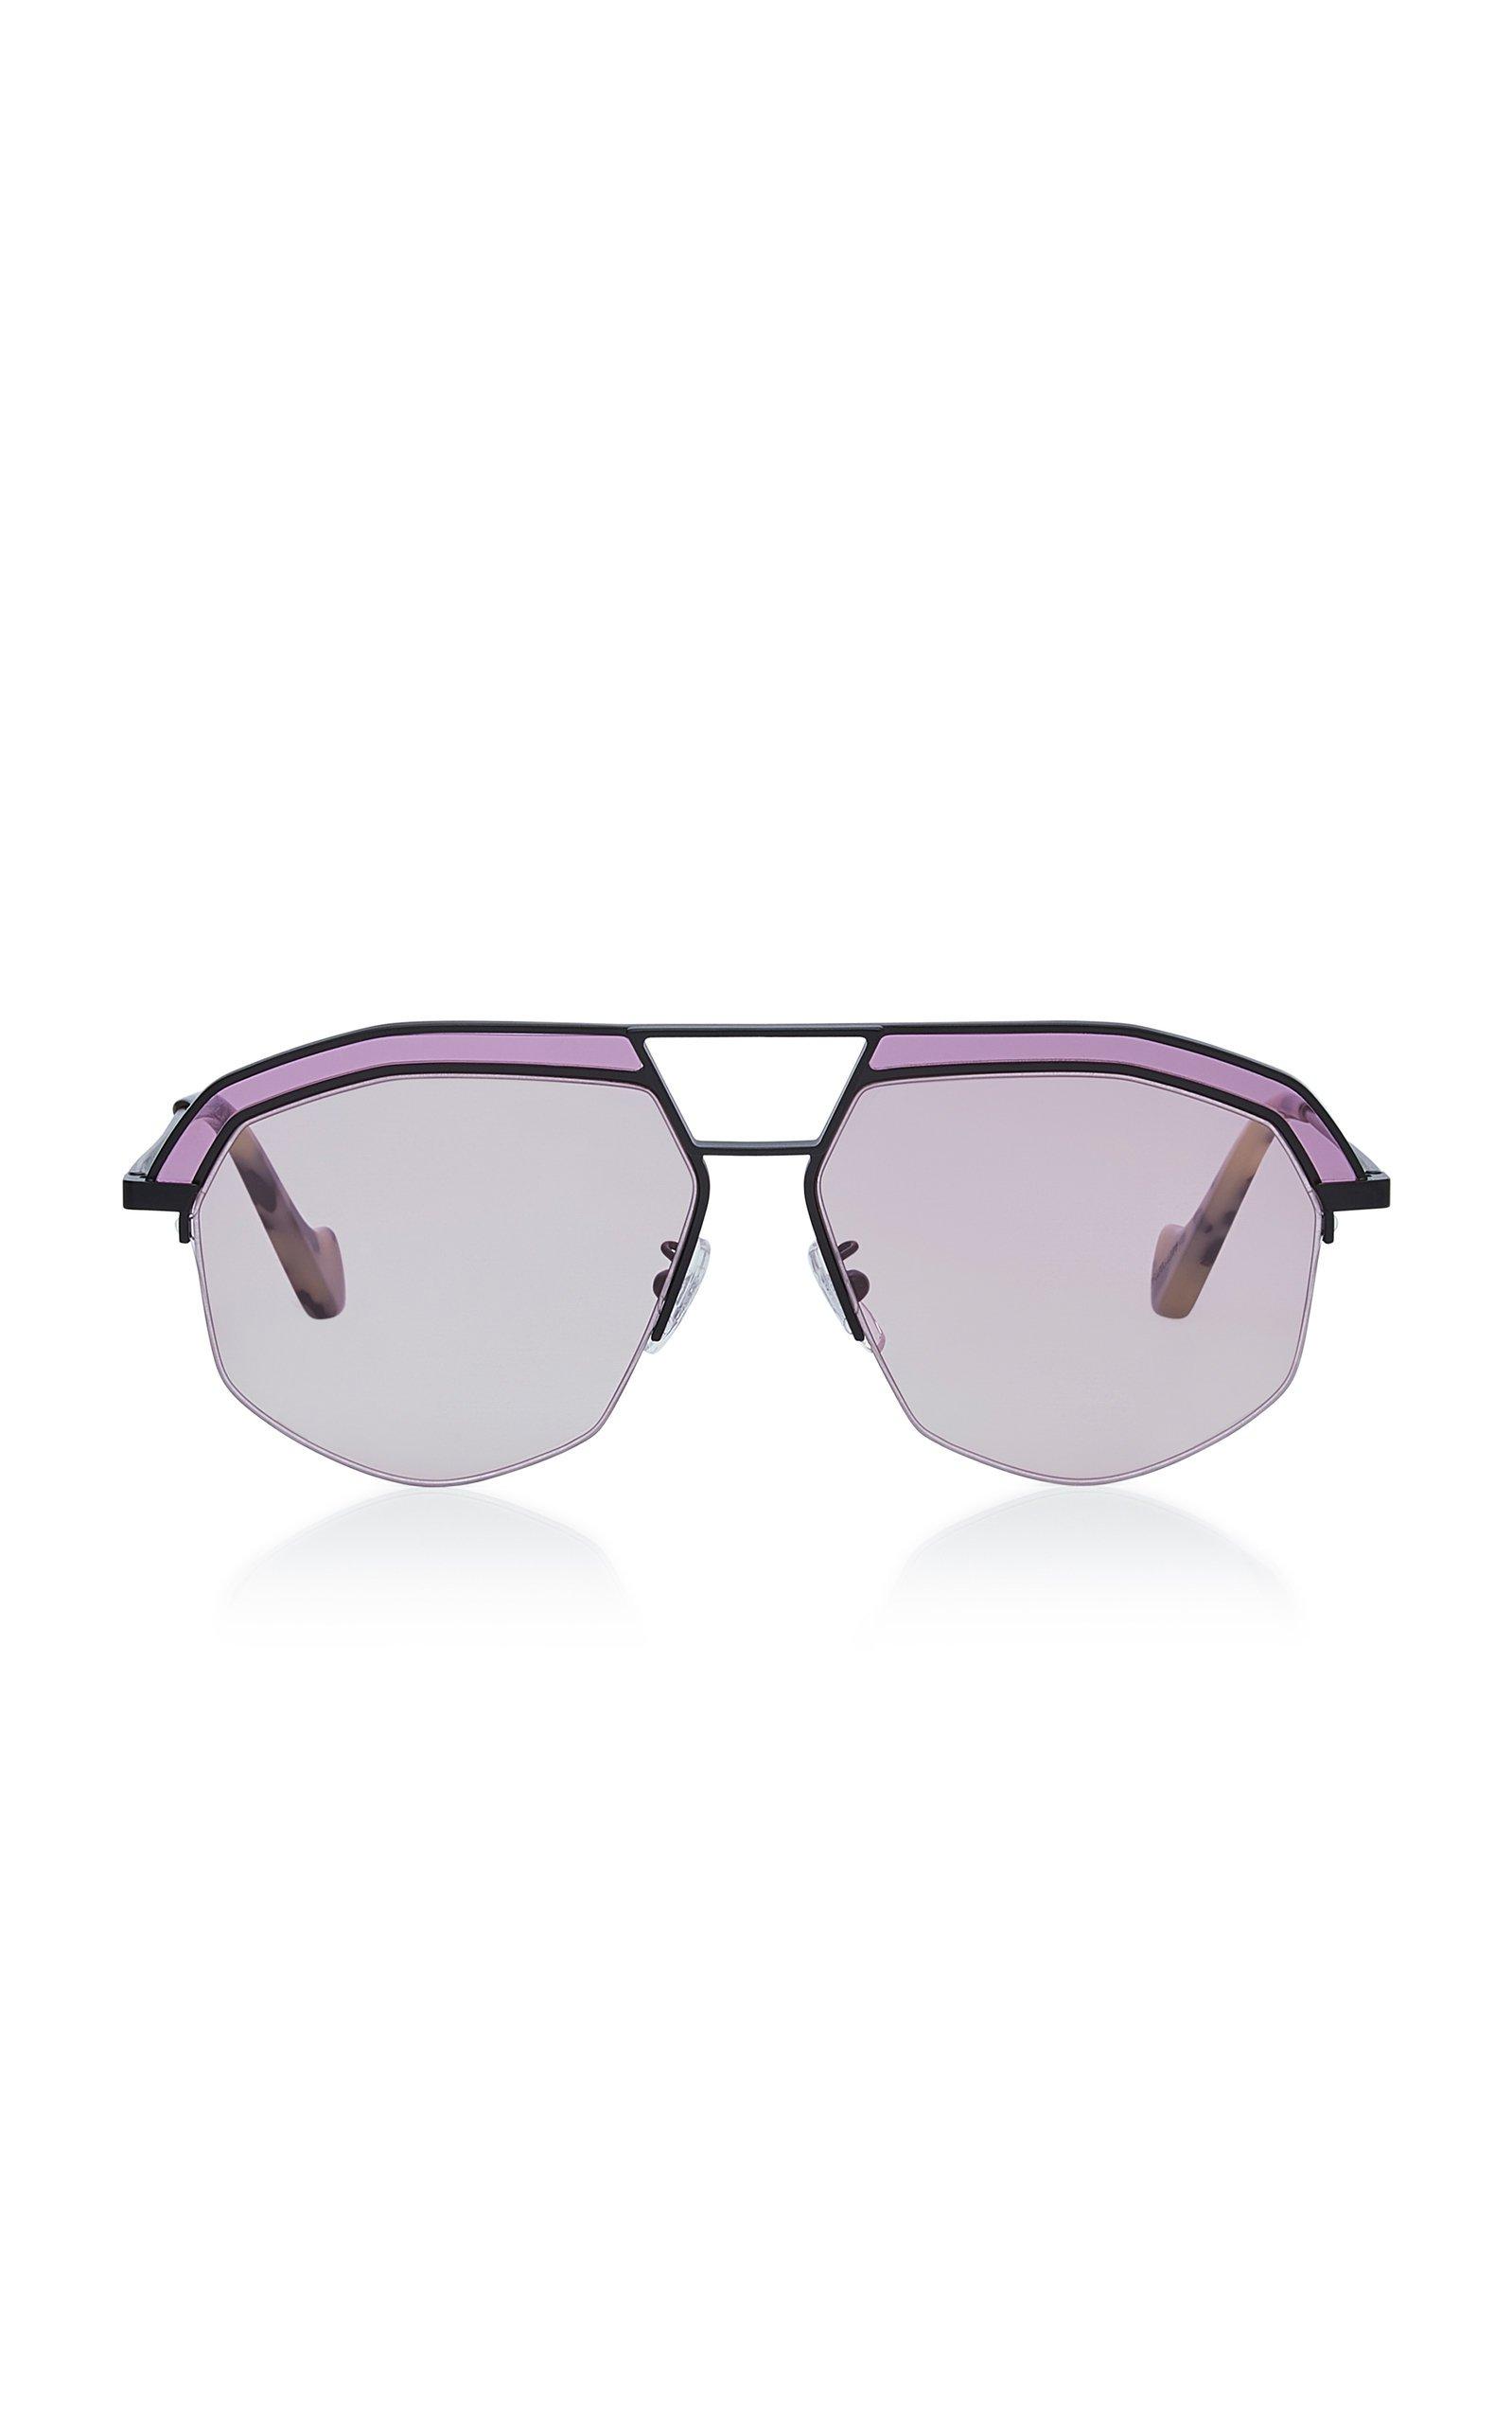 Loewe Sunglasses Oversized Octagonal Metal Sunglasses